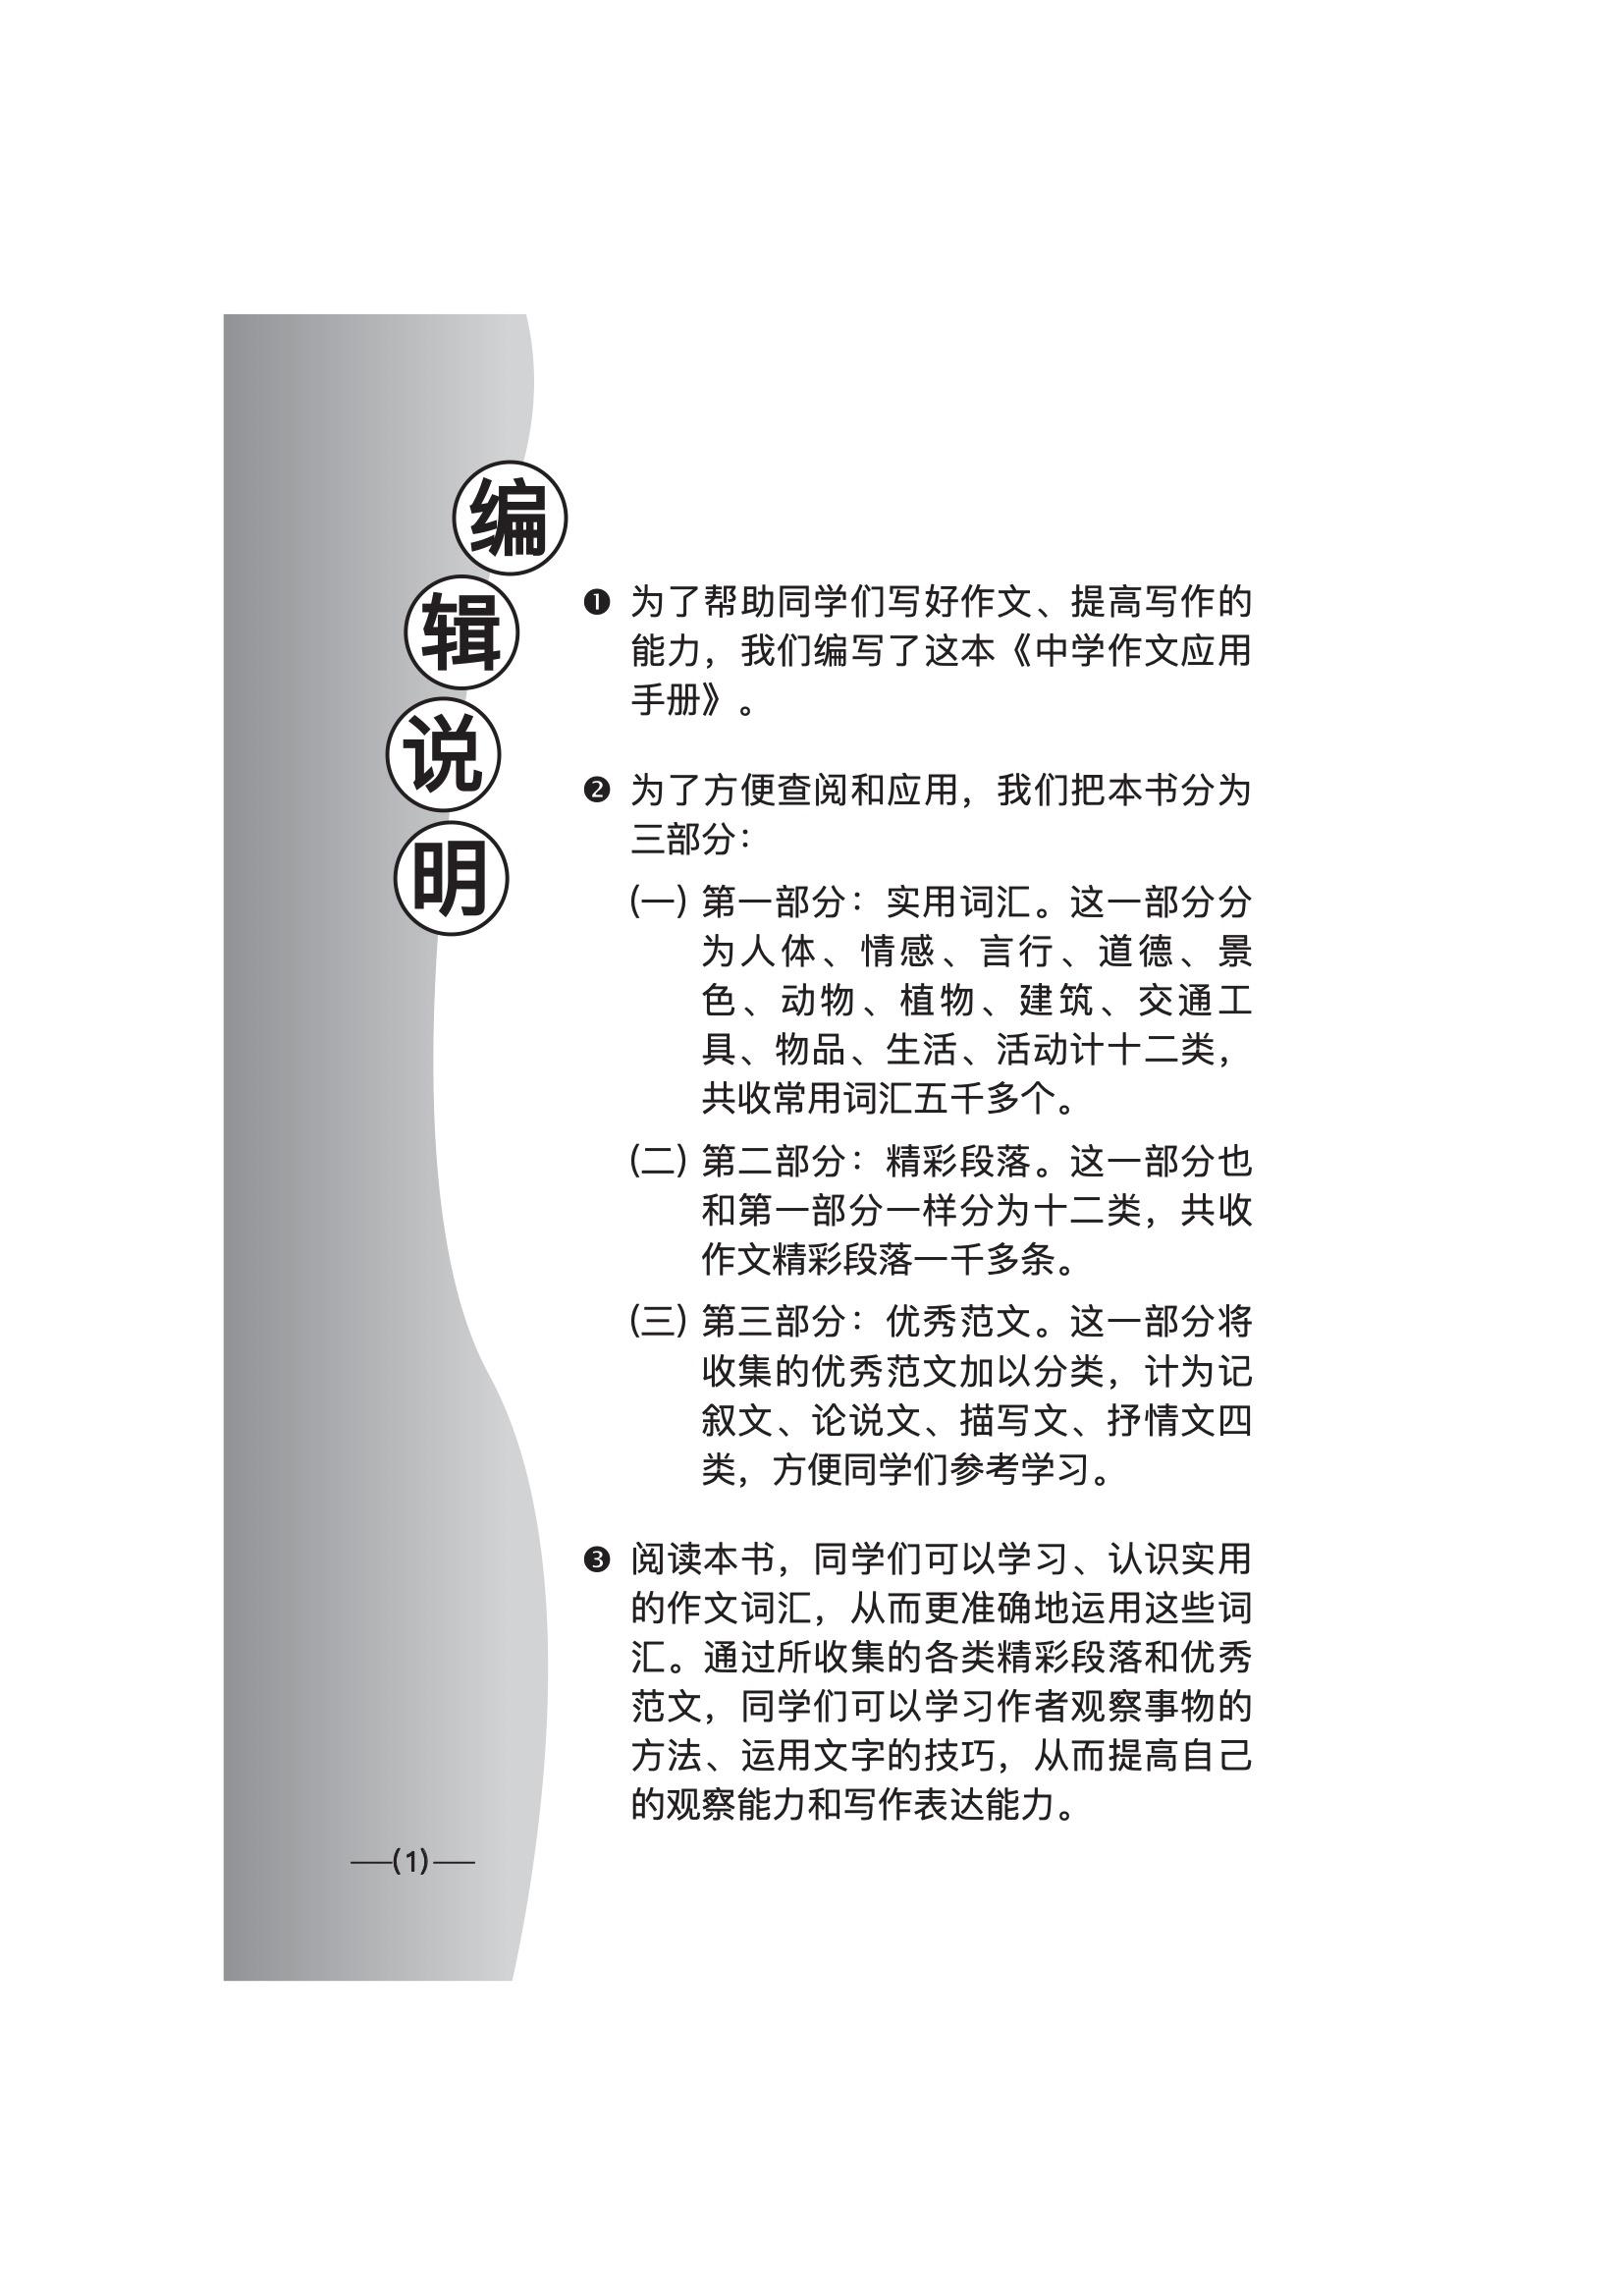 2747105_Preface-1 3